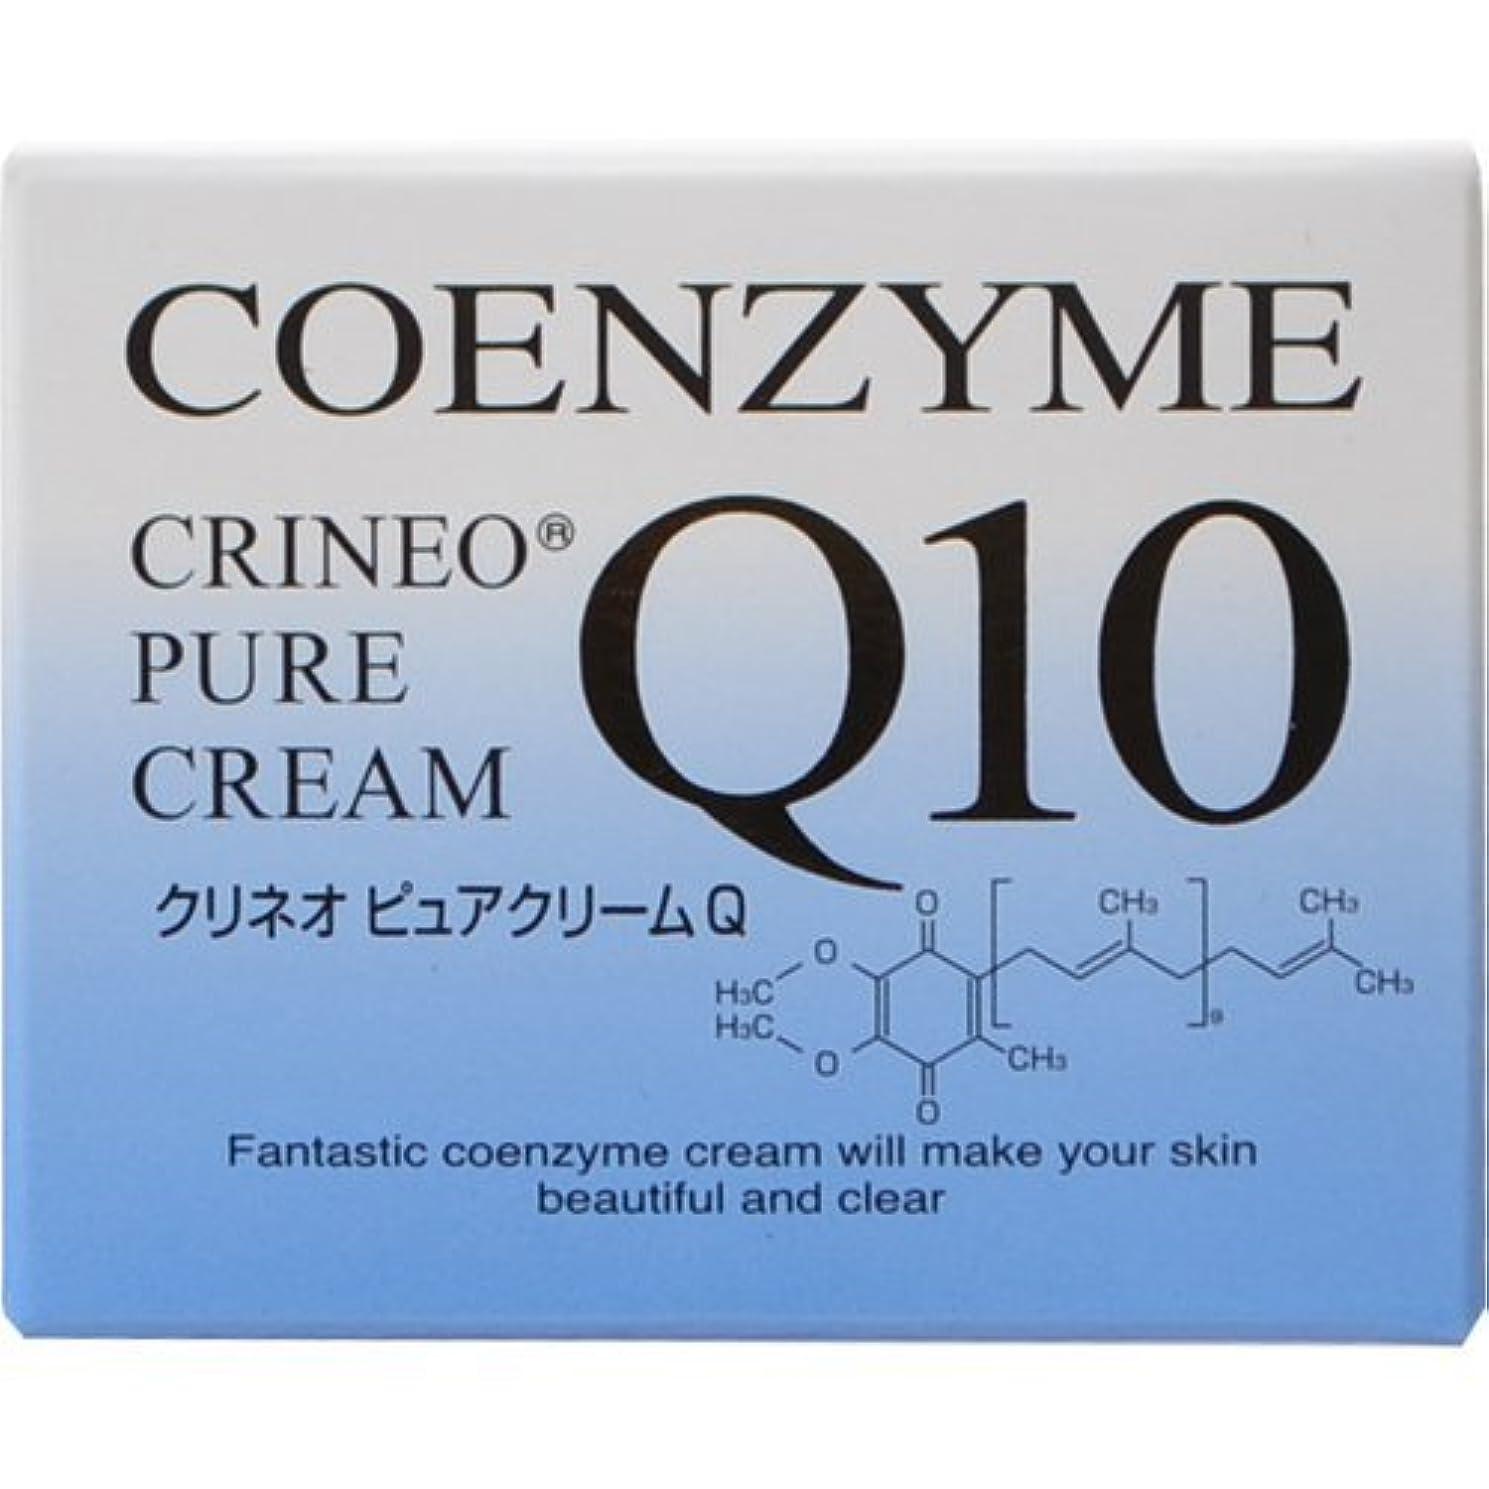 腐敗スーツクリップ蝶クリネオ ピュアクリームQ コエンザイムQ10を配合した浸透型の保湿クリーム